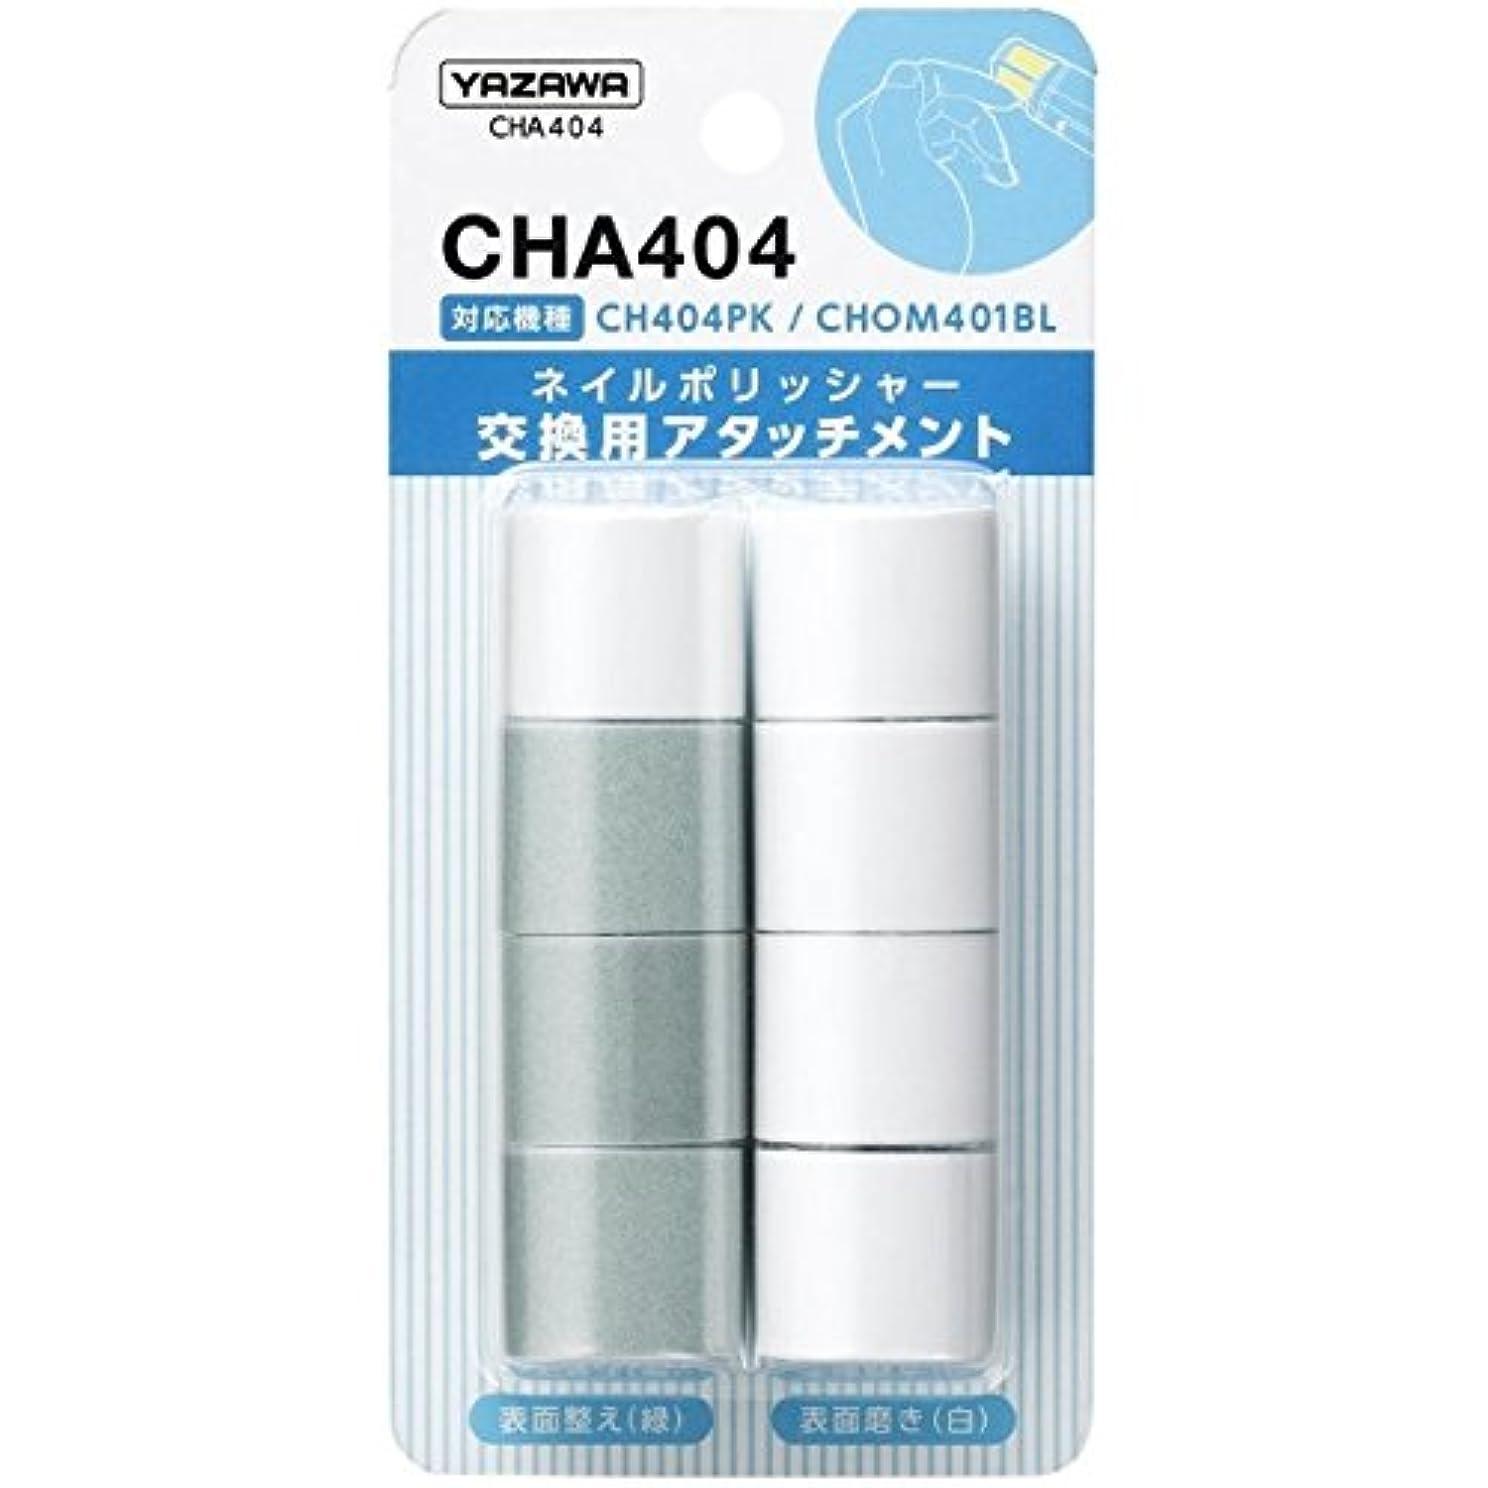 雰囲気端末ラックYAZAWA(ヤザワコーポレーション) ネイルポリッシャー交換用アタッチメント CHA404